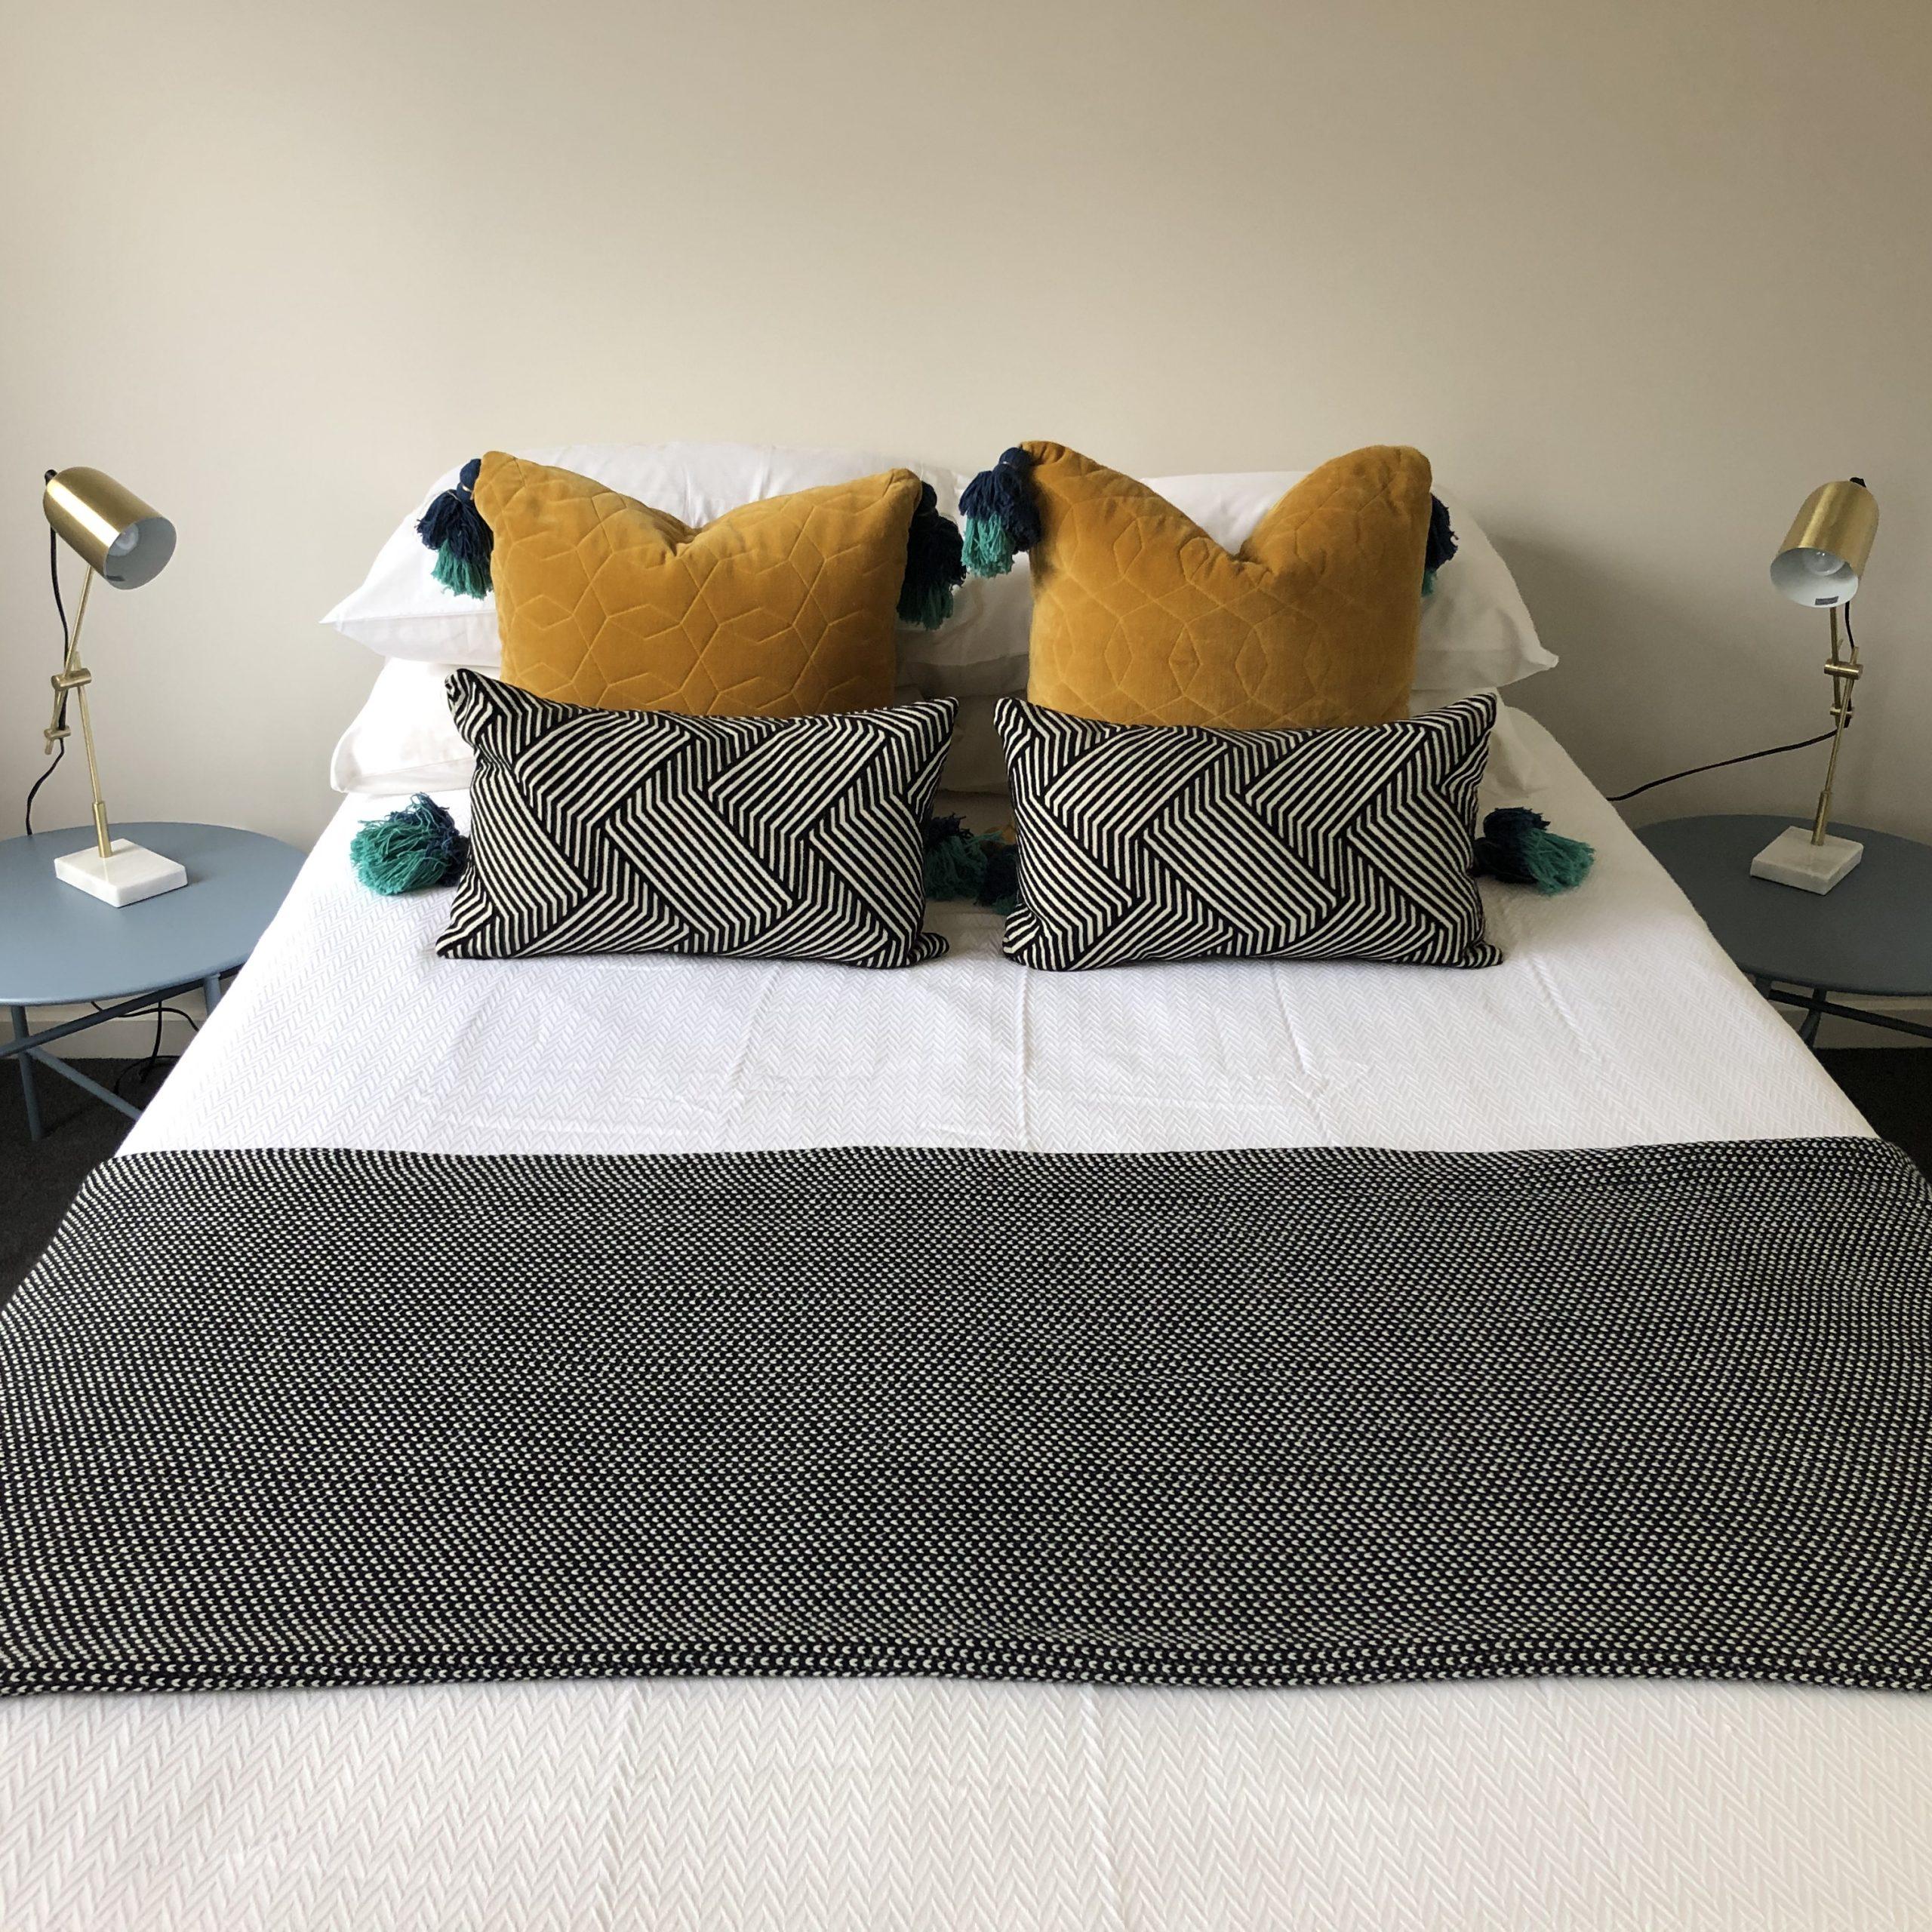 Styled guest bedroom Heidelberg Heights